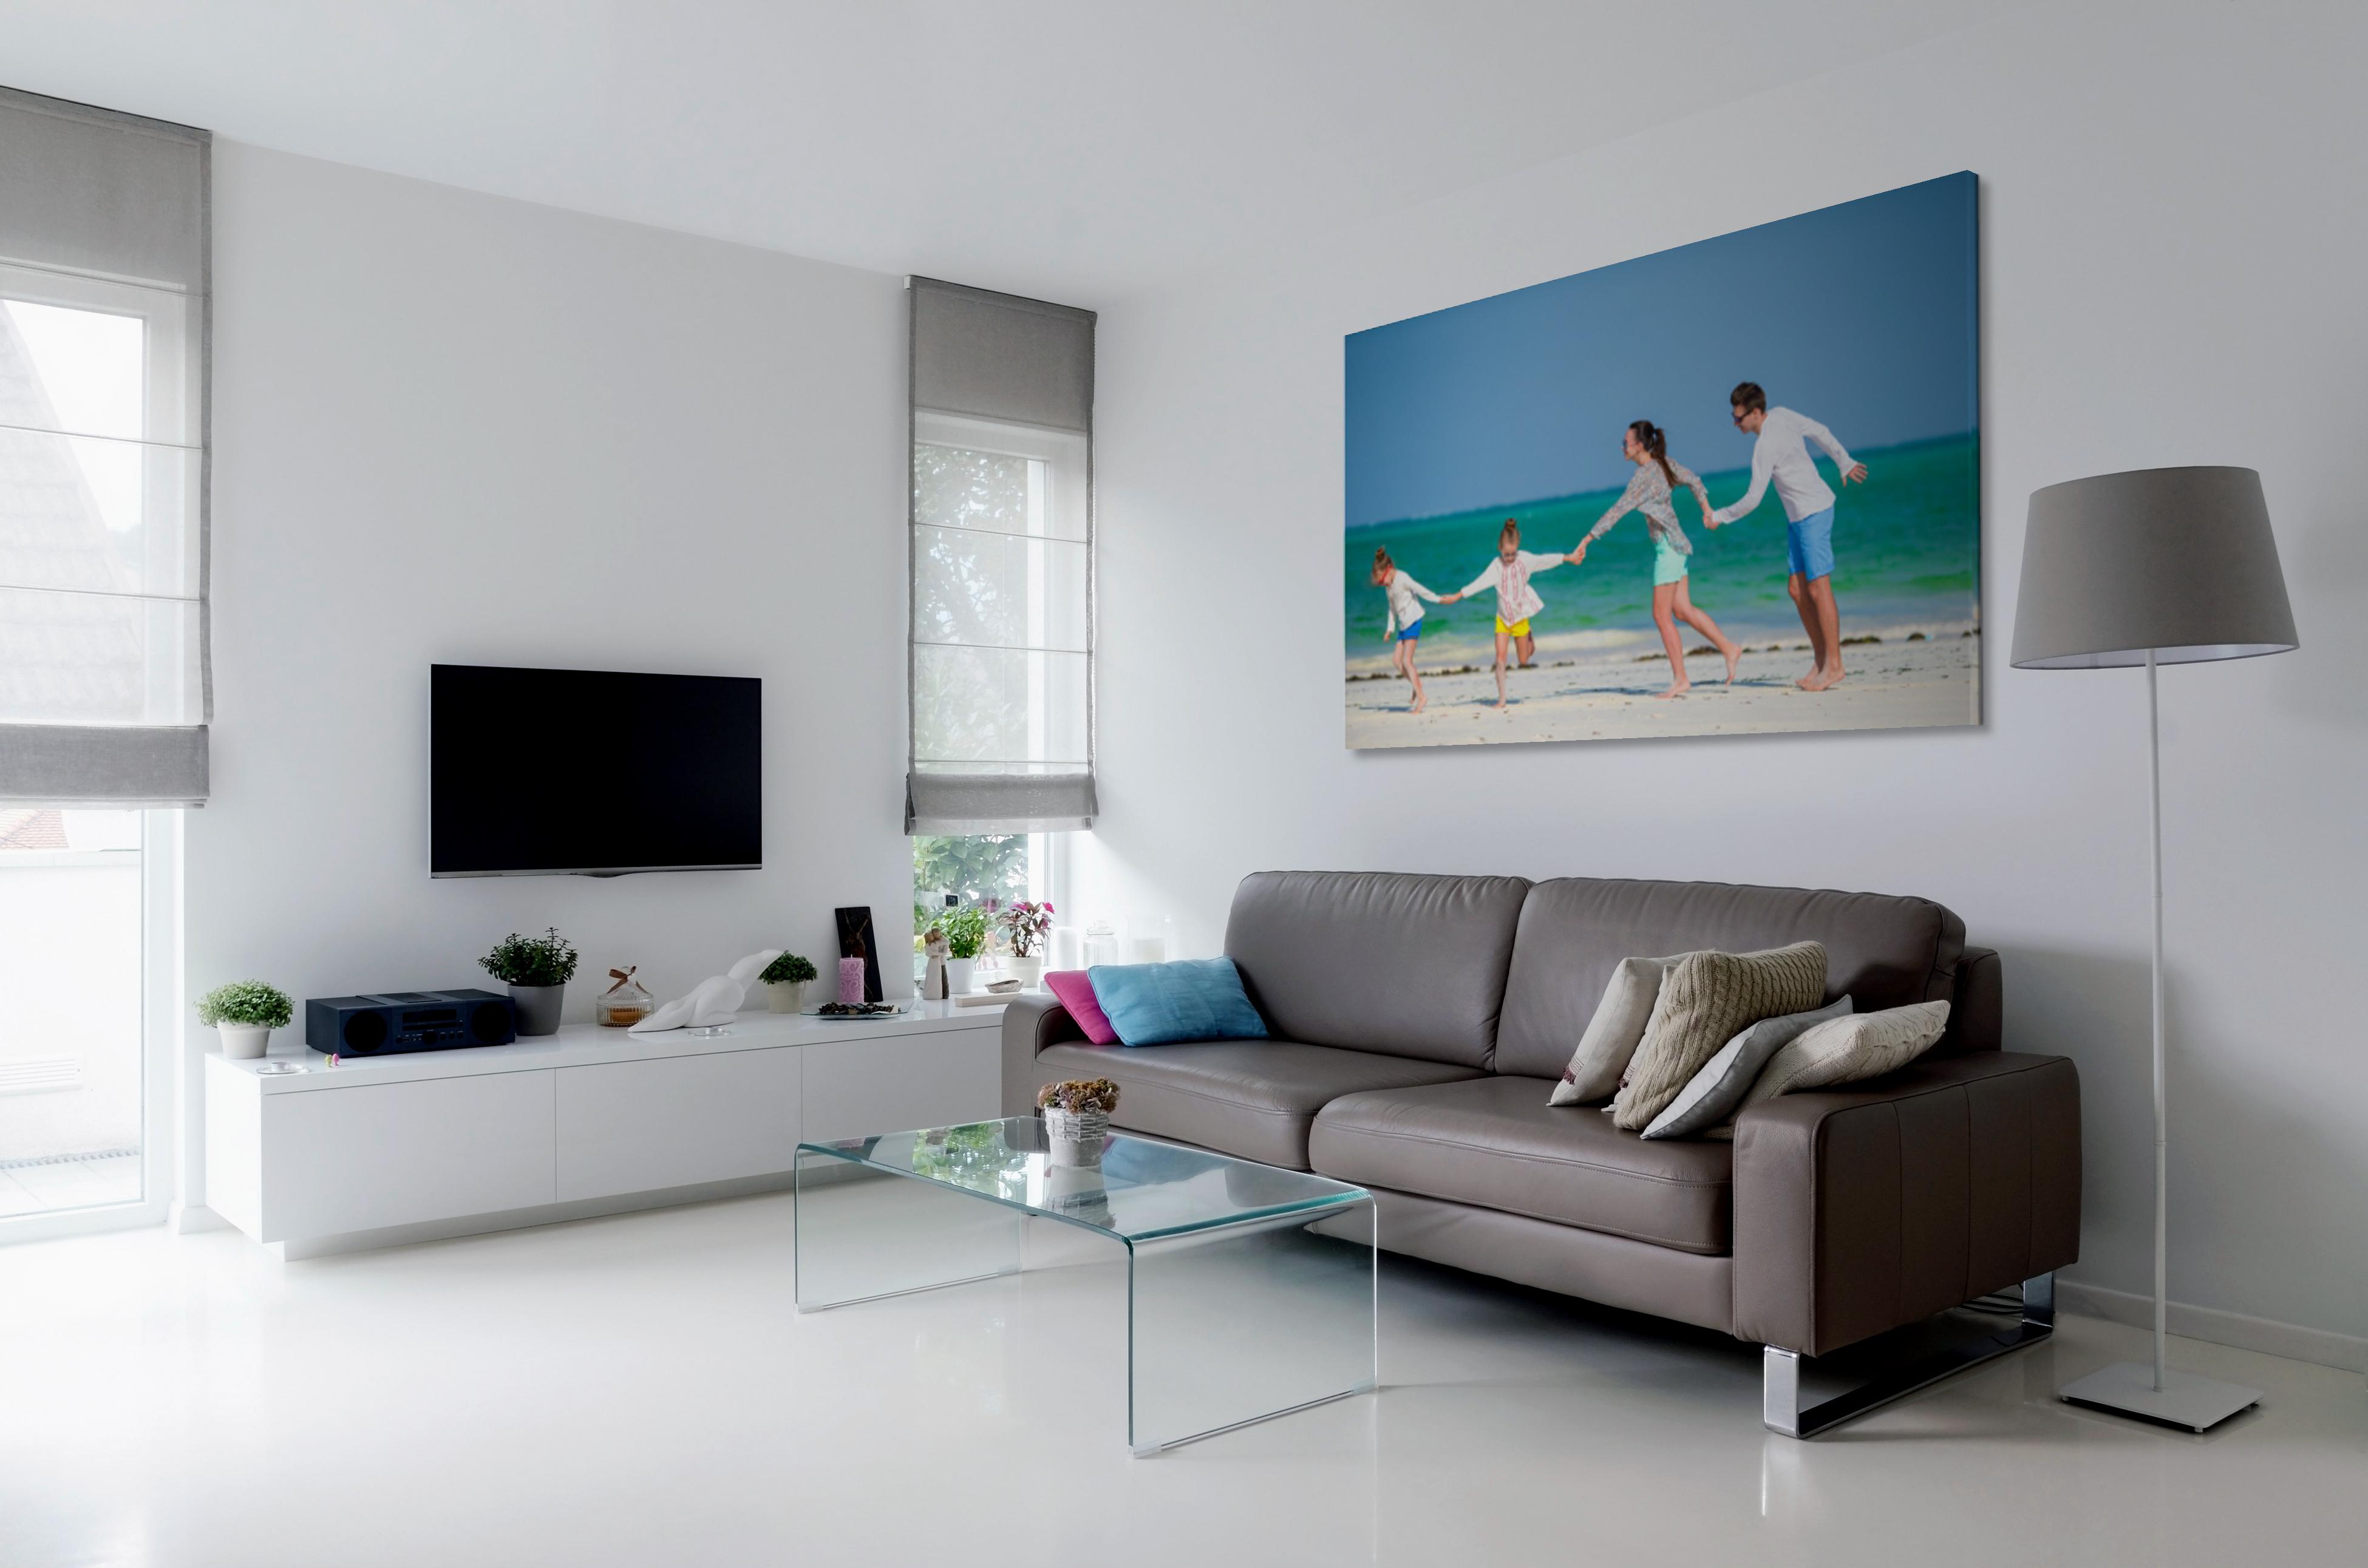 Acoustic Art Panels for Living Room